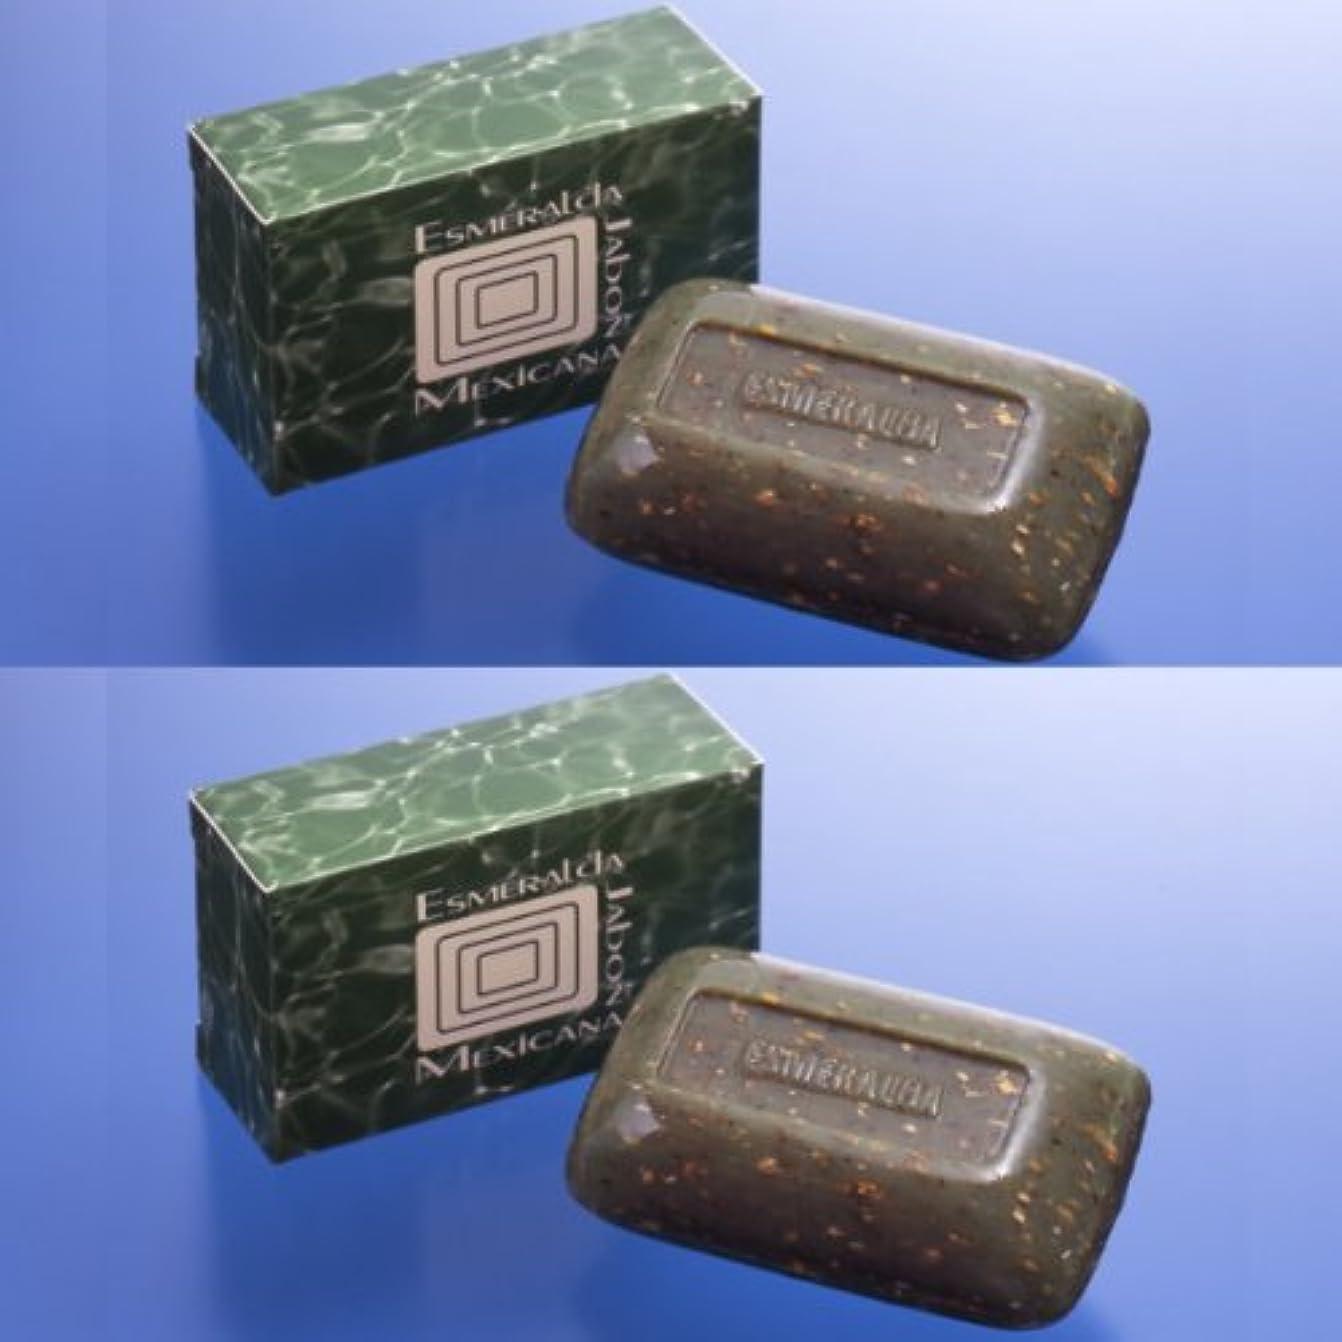 直感トラフネーピアメキシコで大人気のシミ取り石鹸『エスメラルダ?ハボン?メキシカーナ2個組』